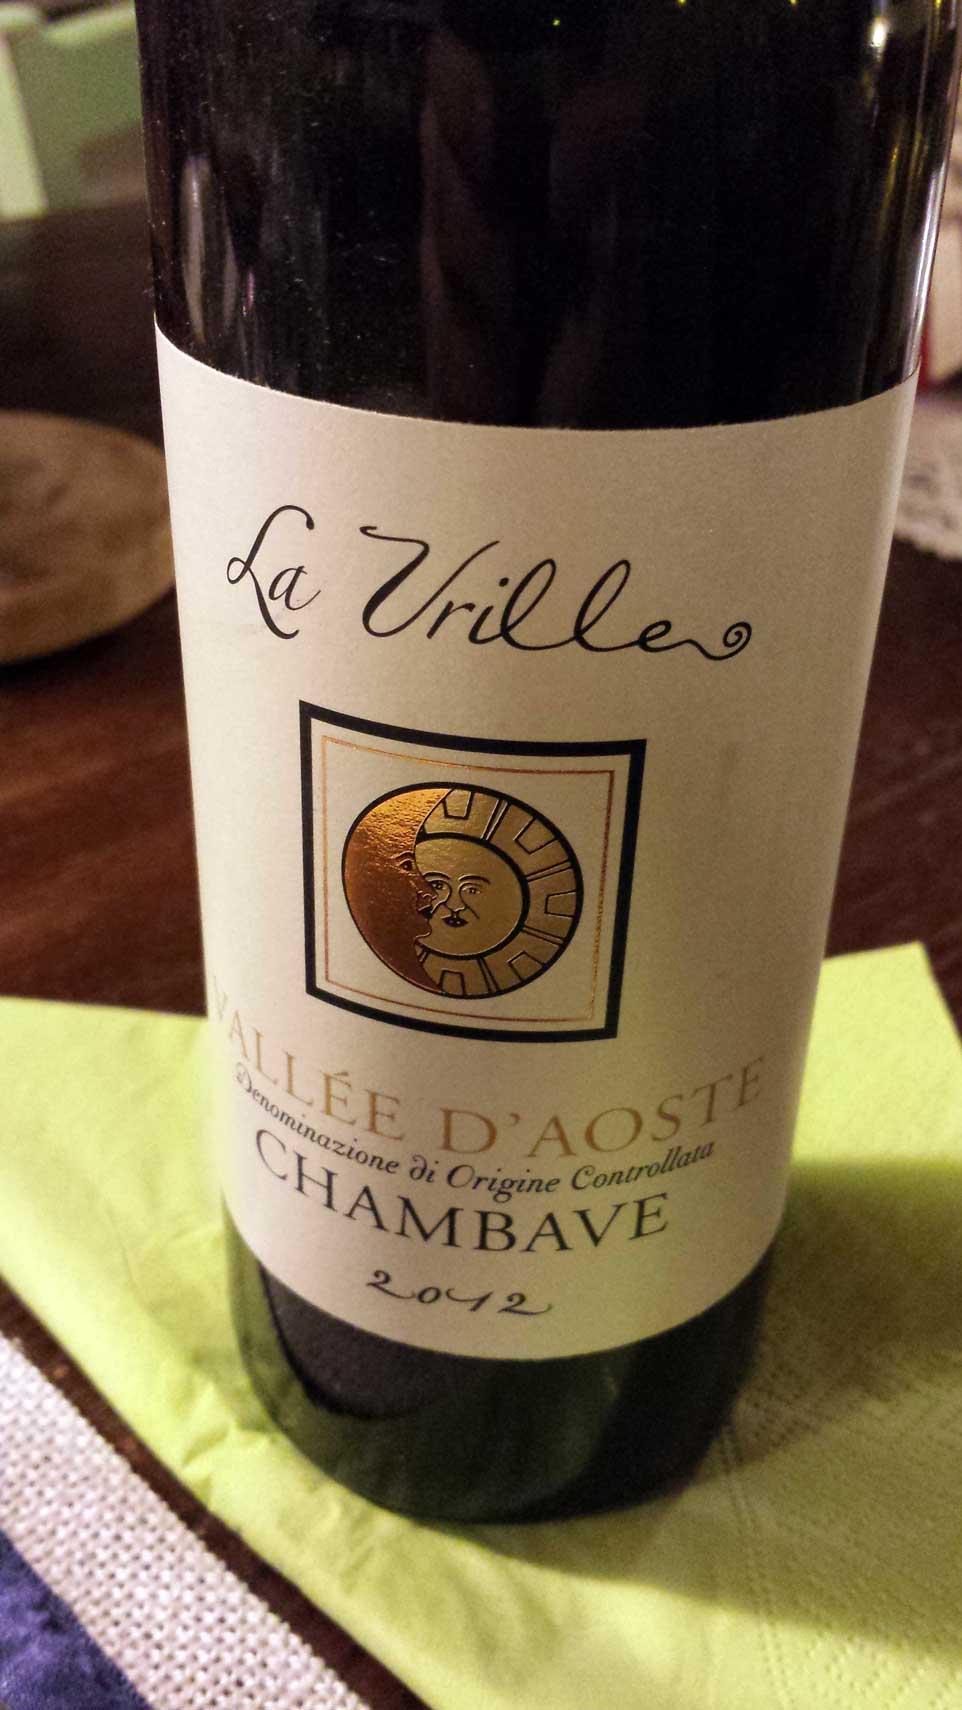 chambave-la-vrille-vino-valle-aosta